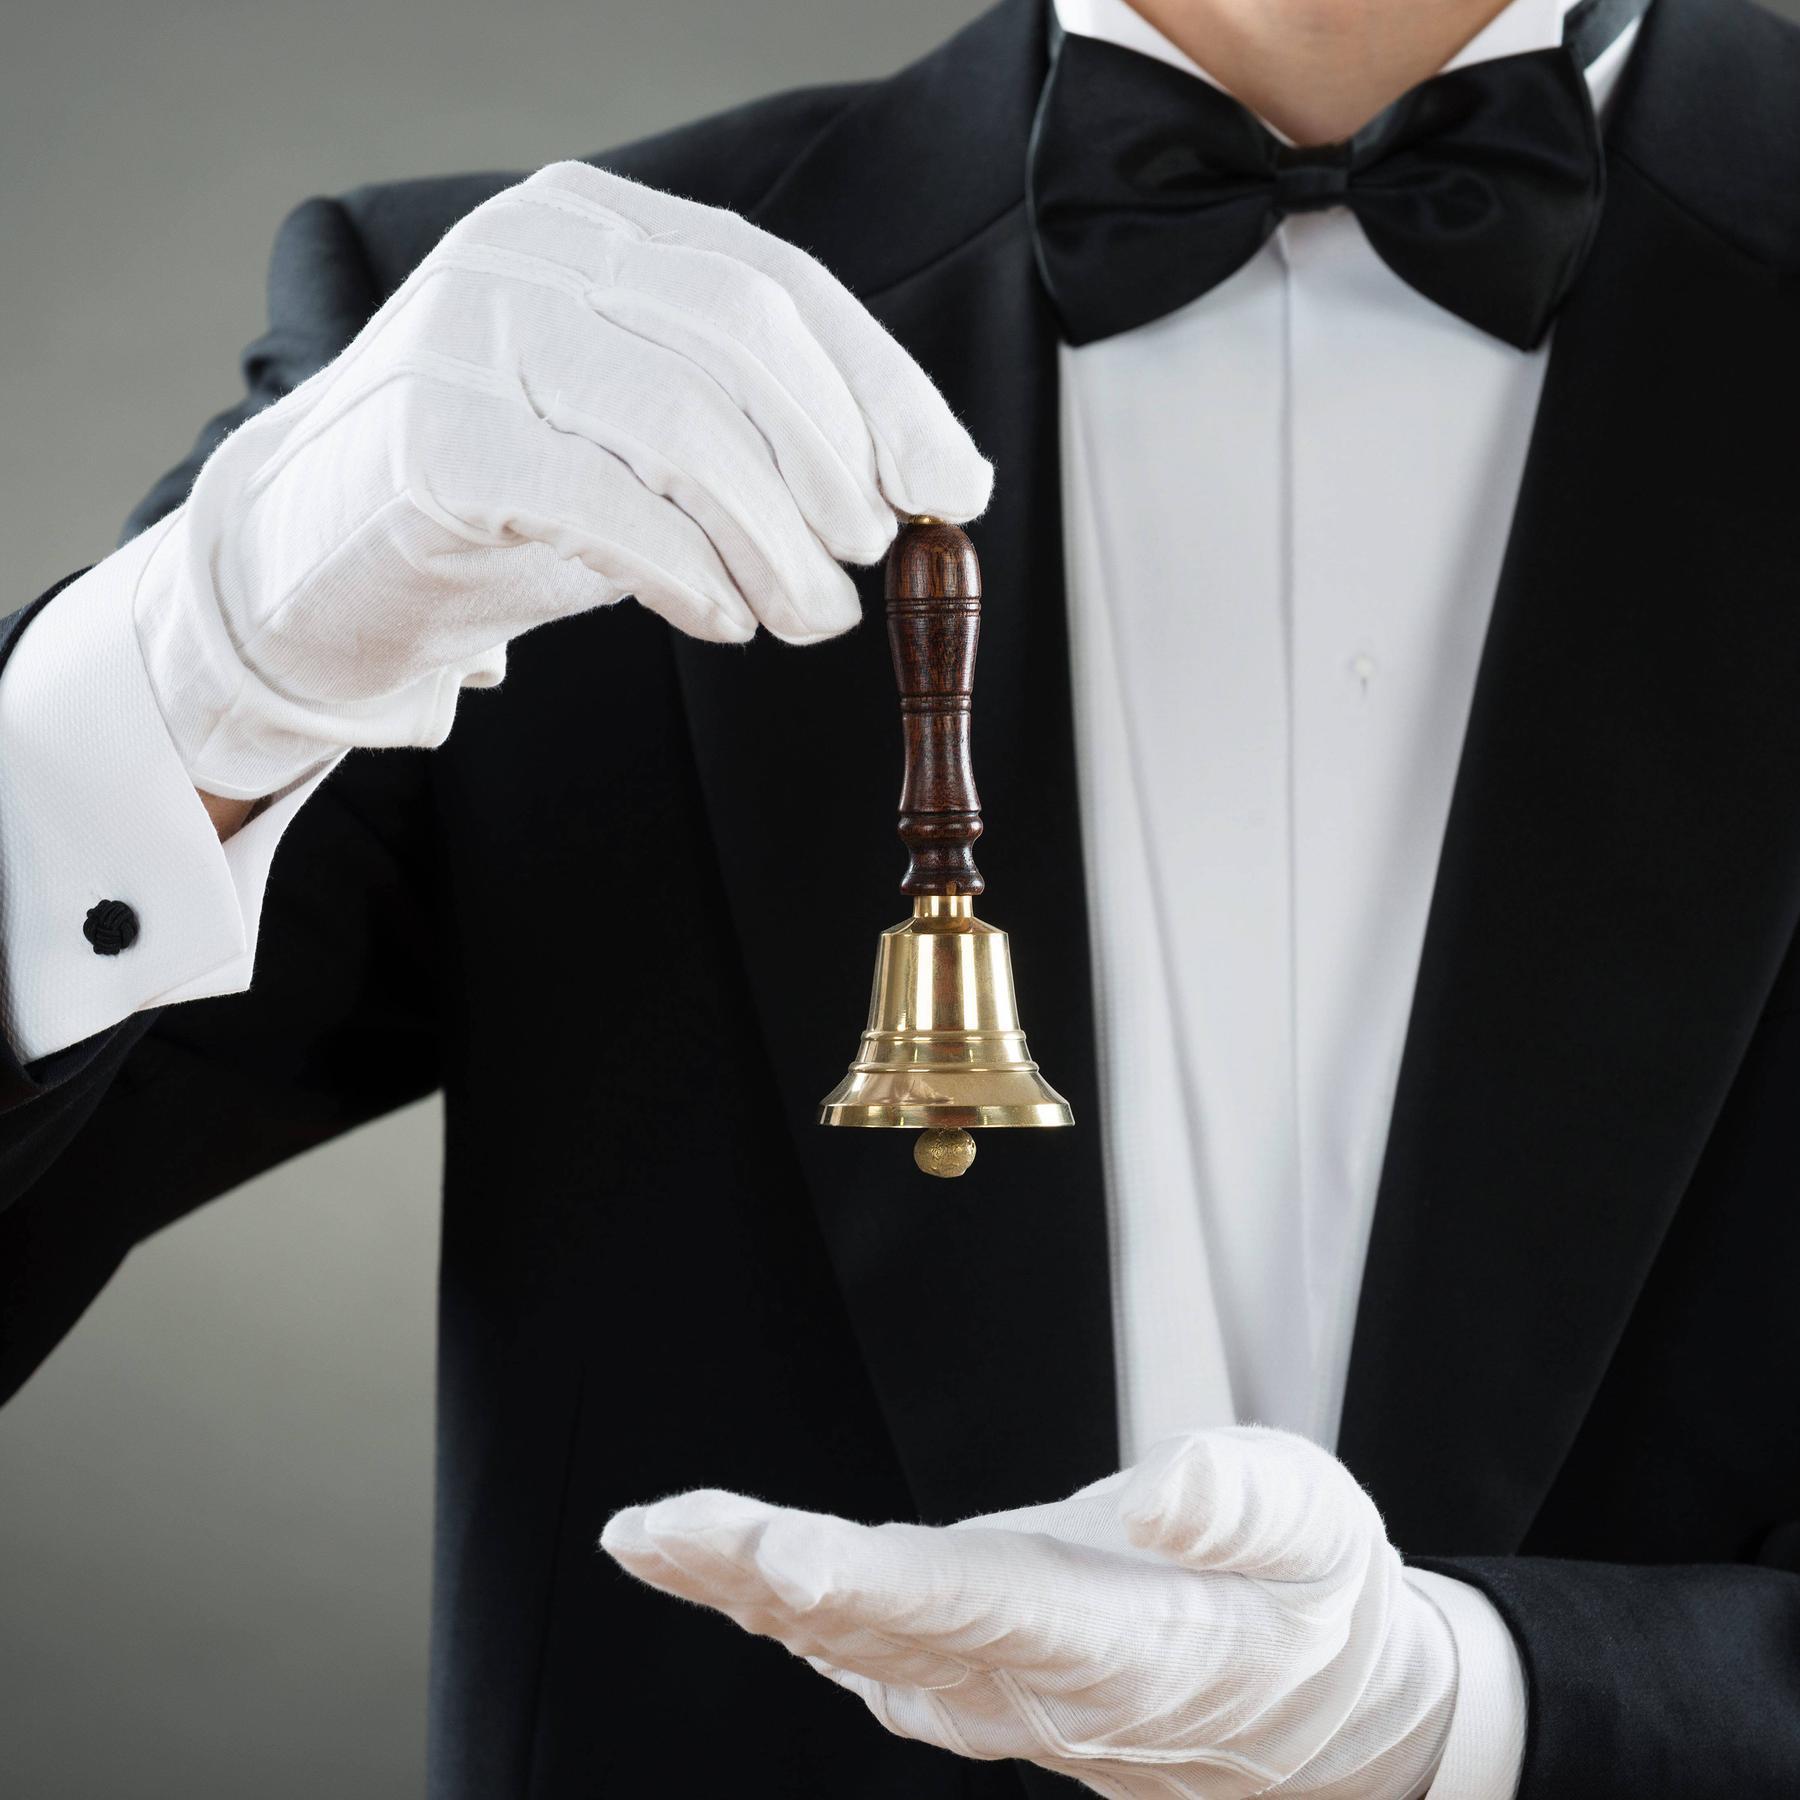 Der Butler - Unsichtbar und stets zu Diensten